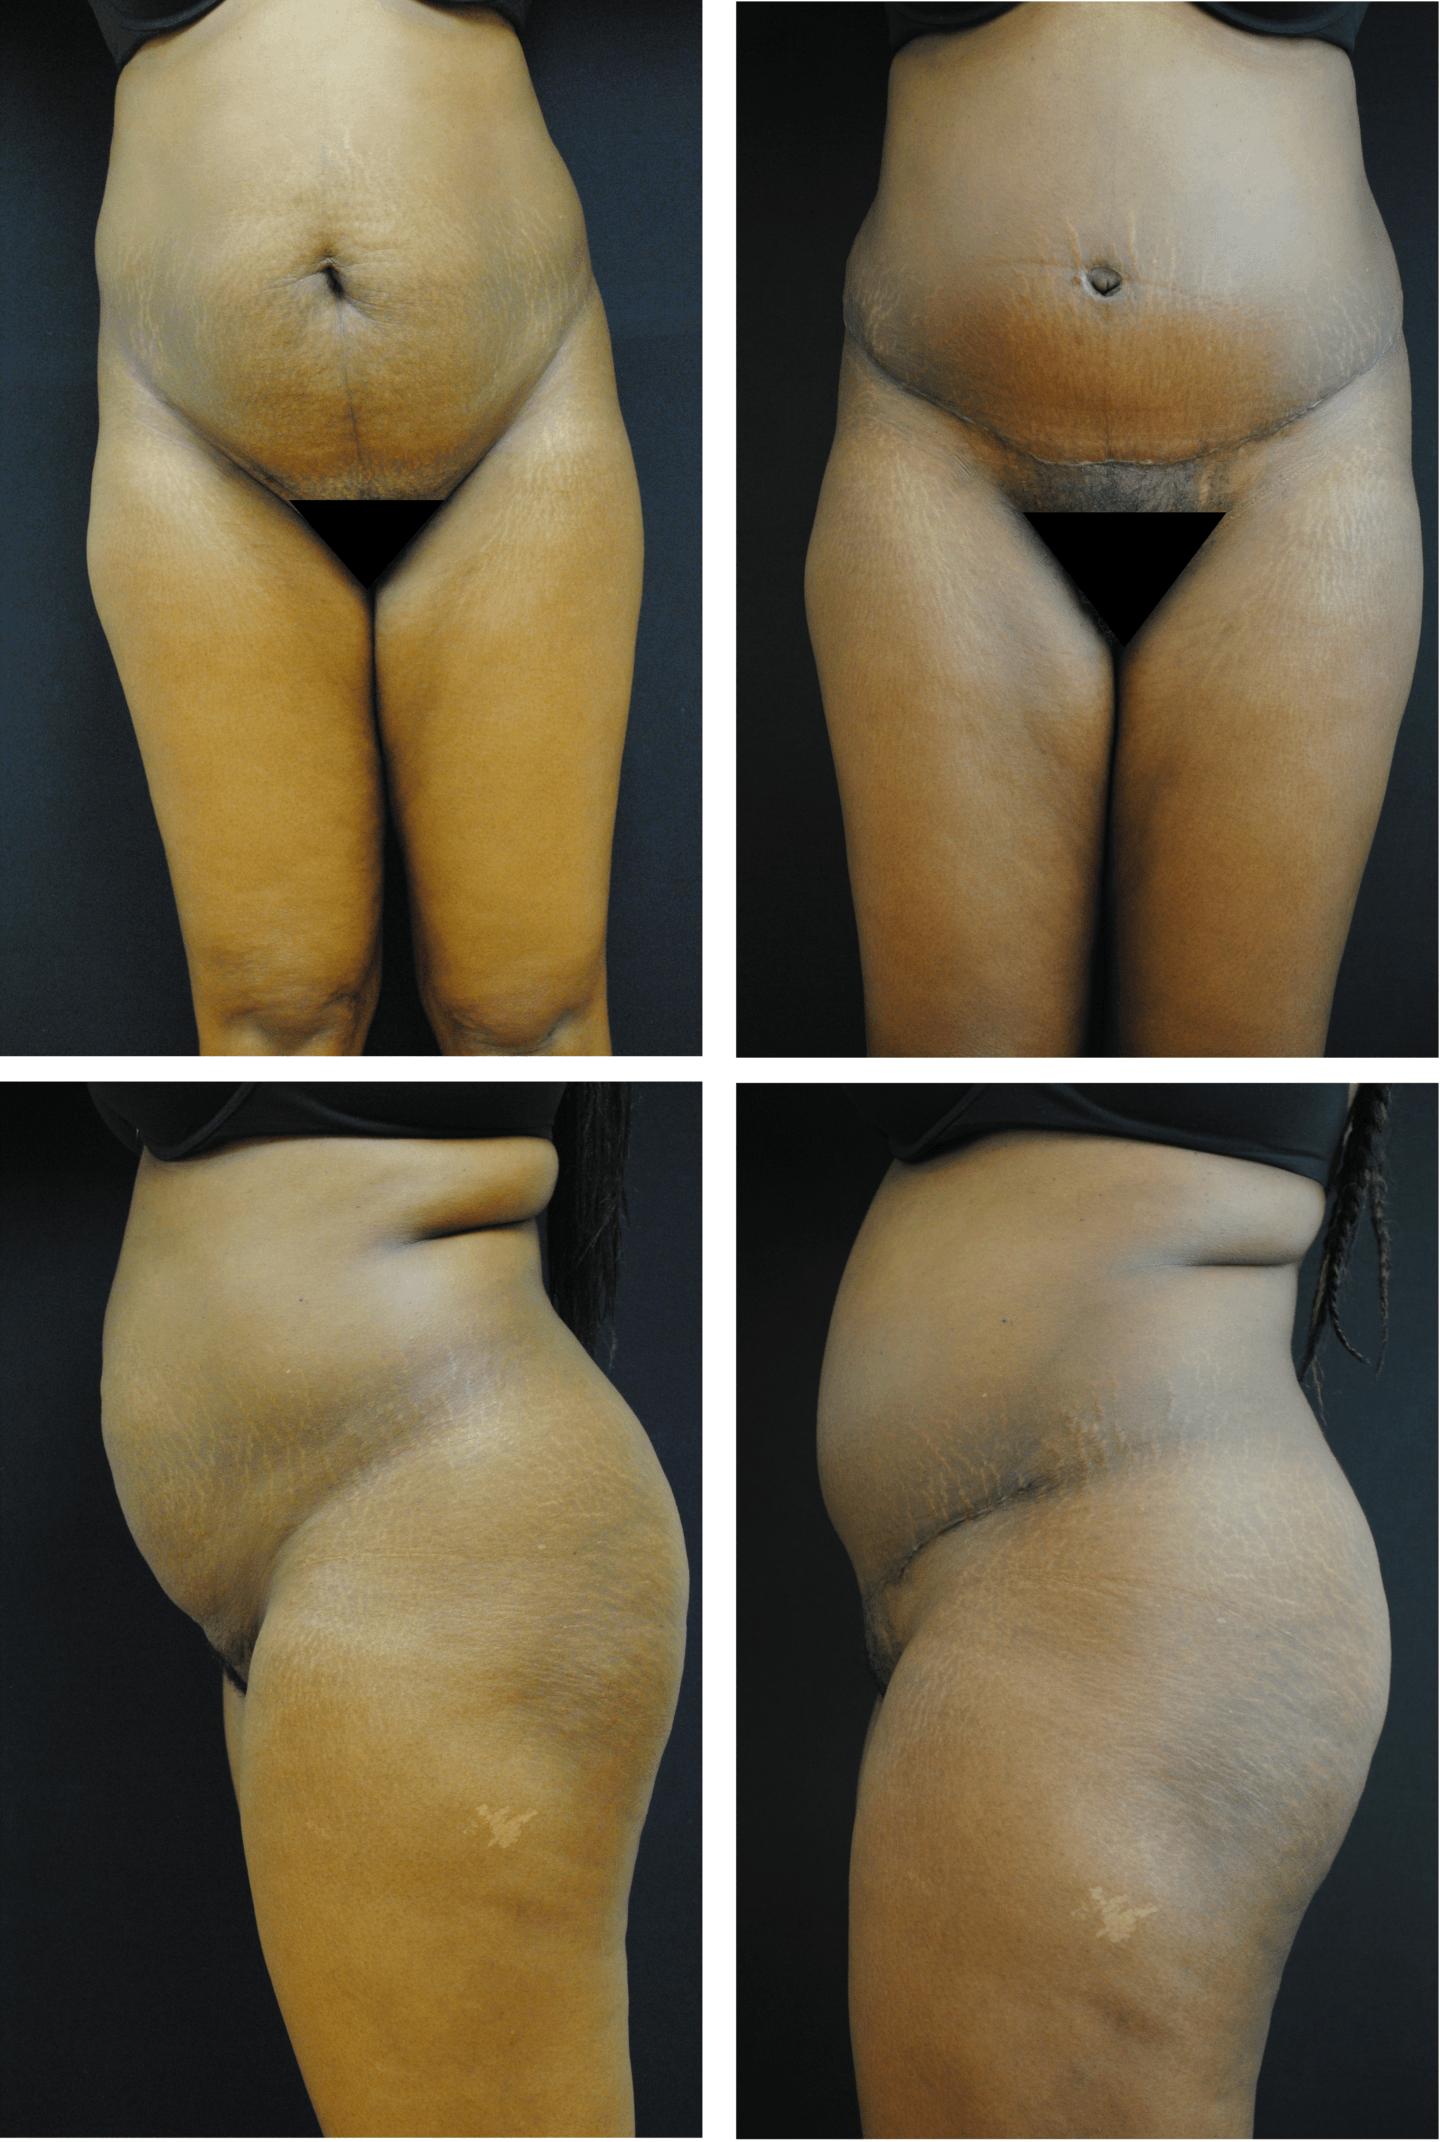 abdominoplasty-case-92112